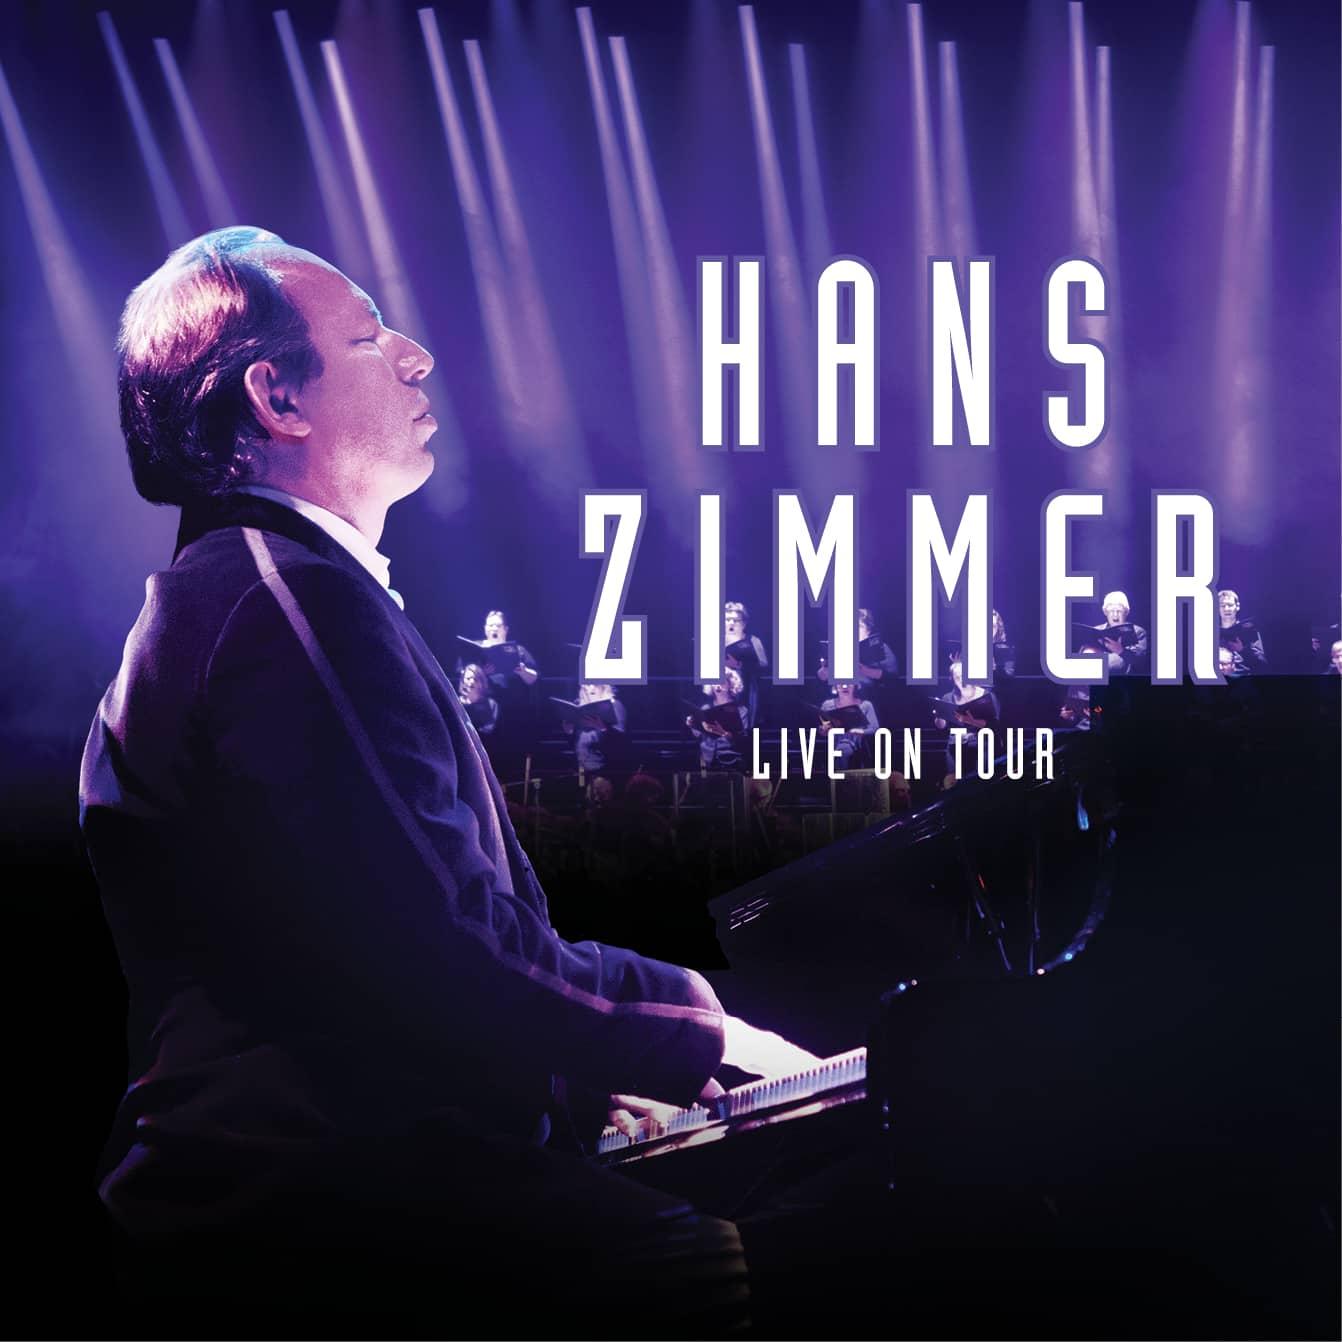 Hans Zimmer Lve Tour